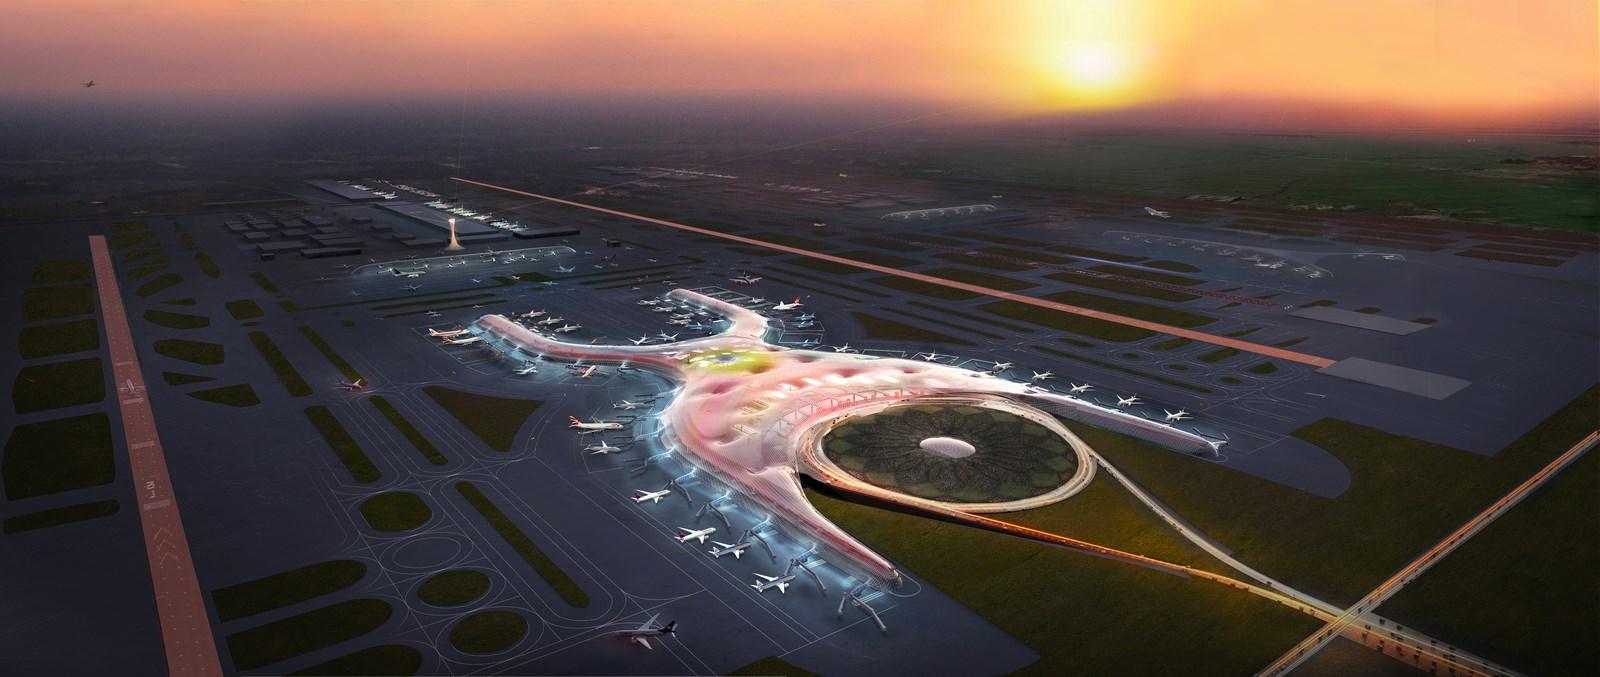 2018 -Proyecto Futuro - Nuevo Aeropuerto Internacional, Ciudad de México, México.